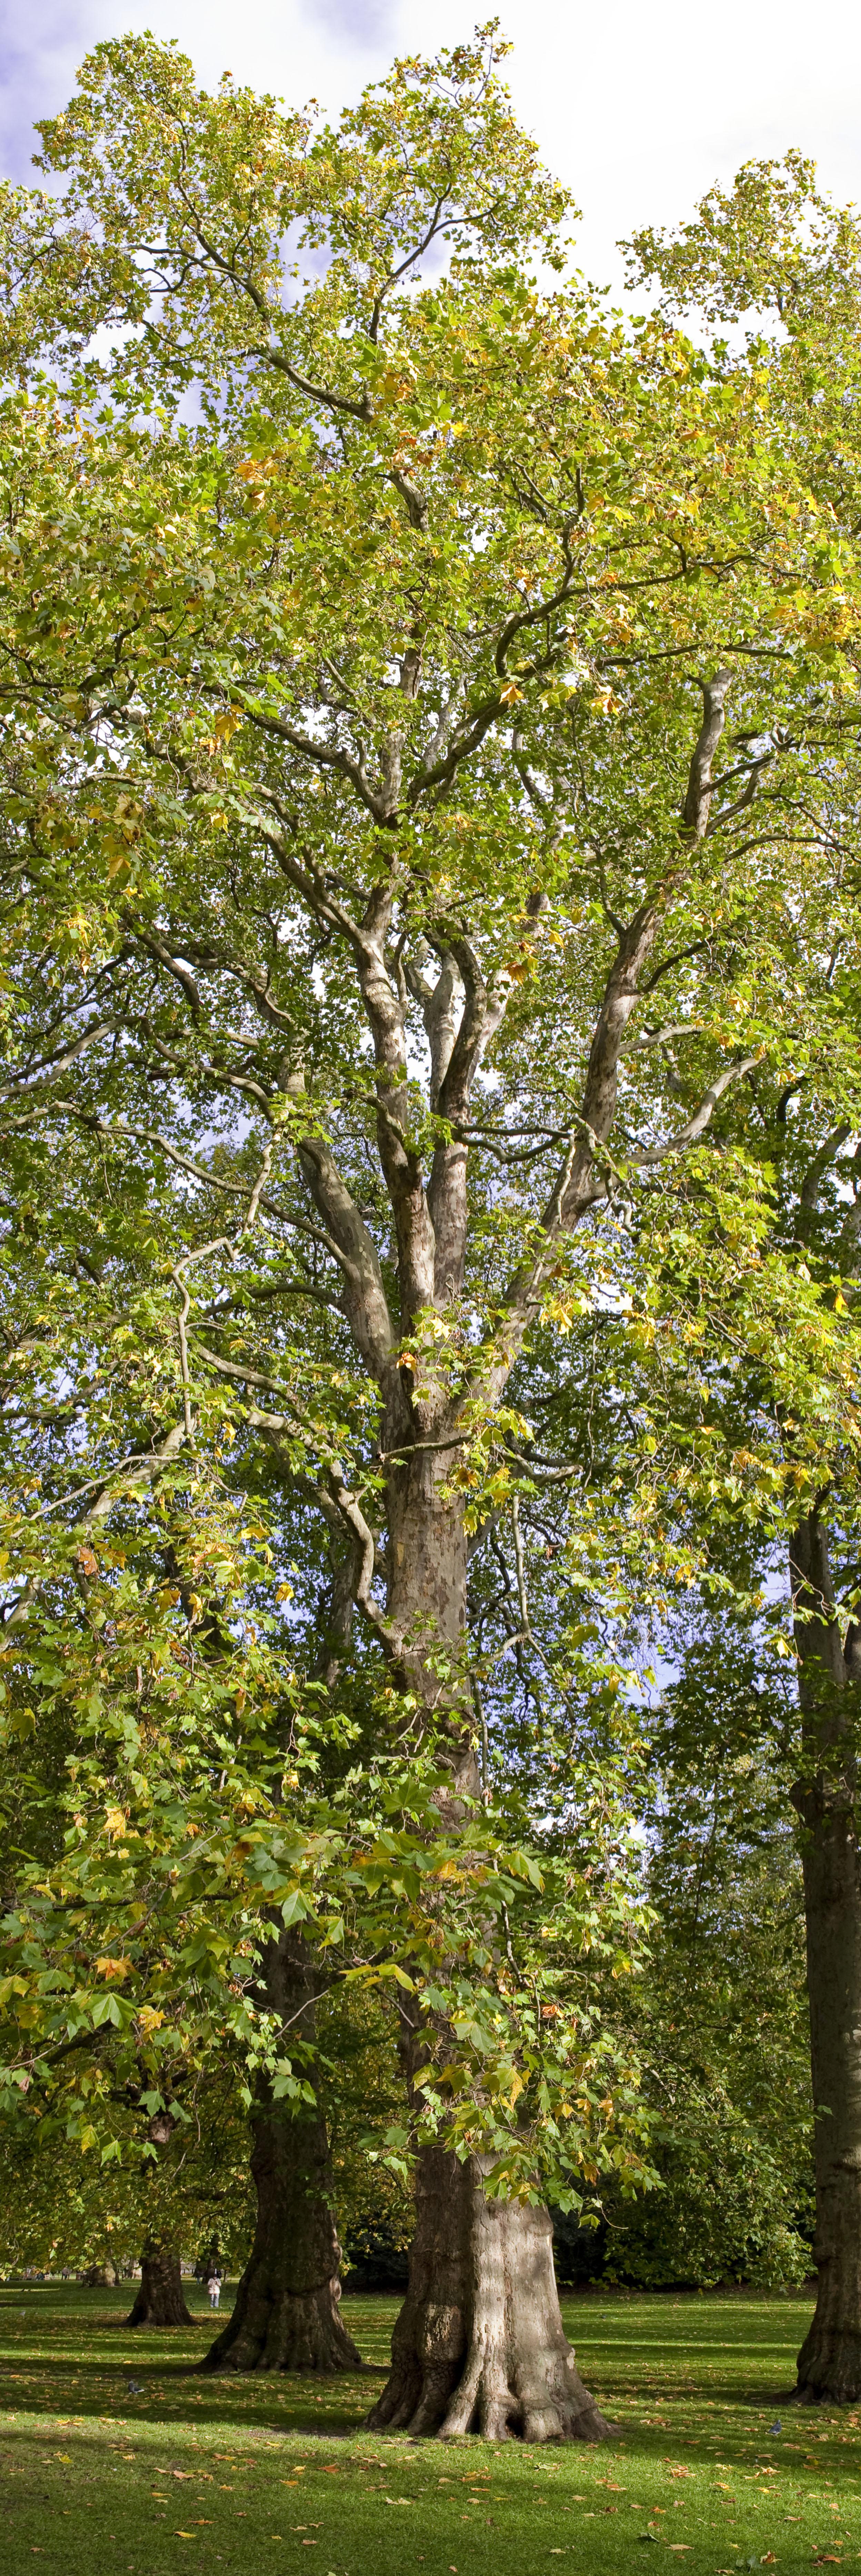 A Tree (Vertical Panoramic)   robert kent photography